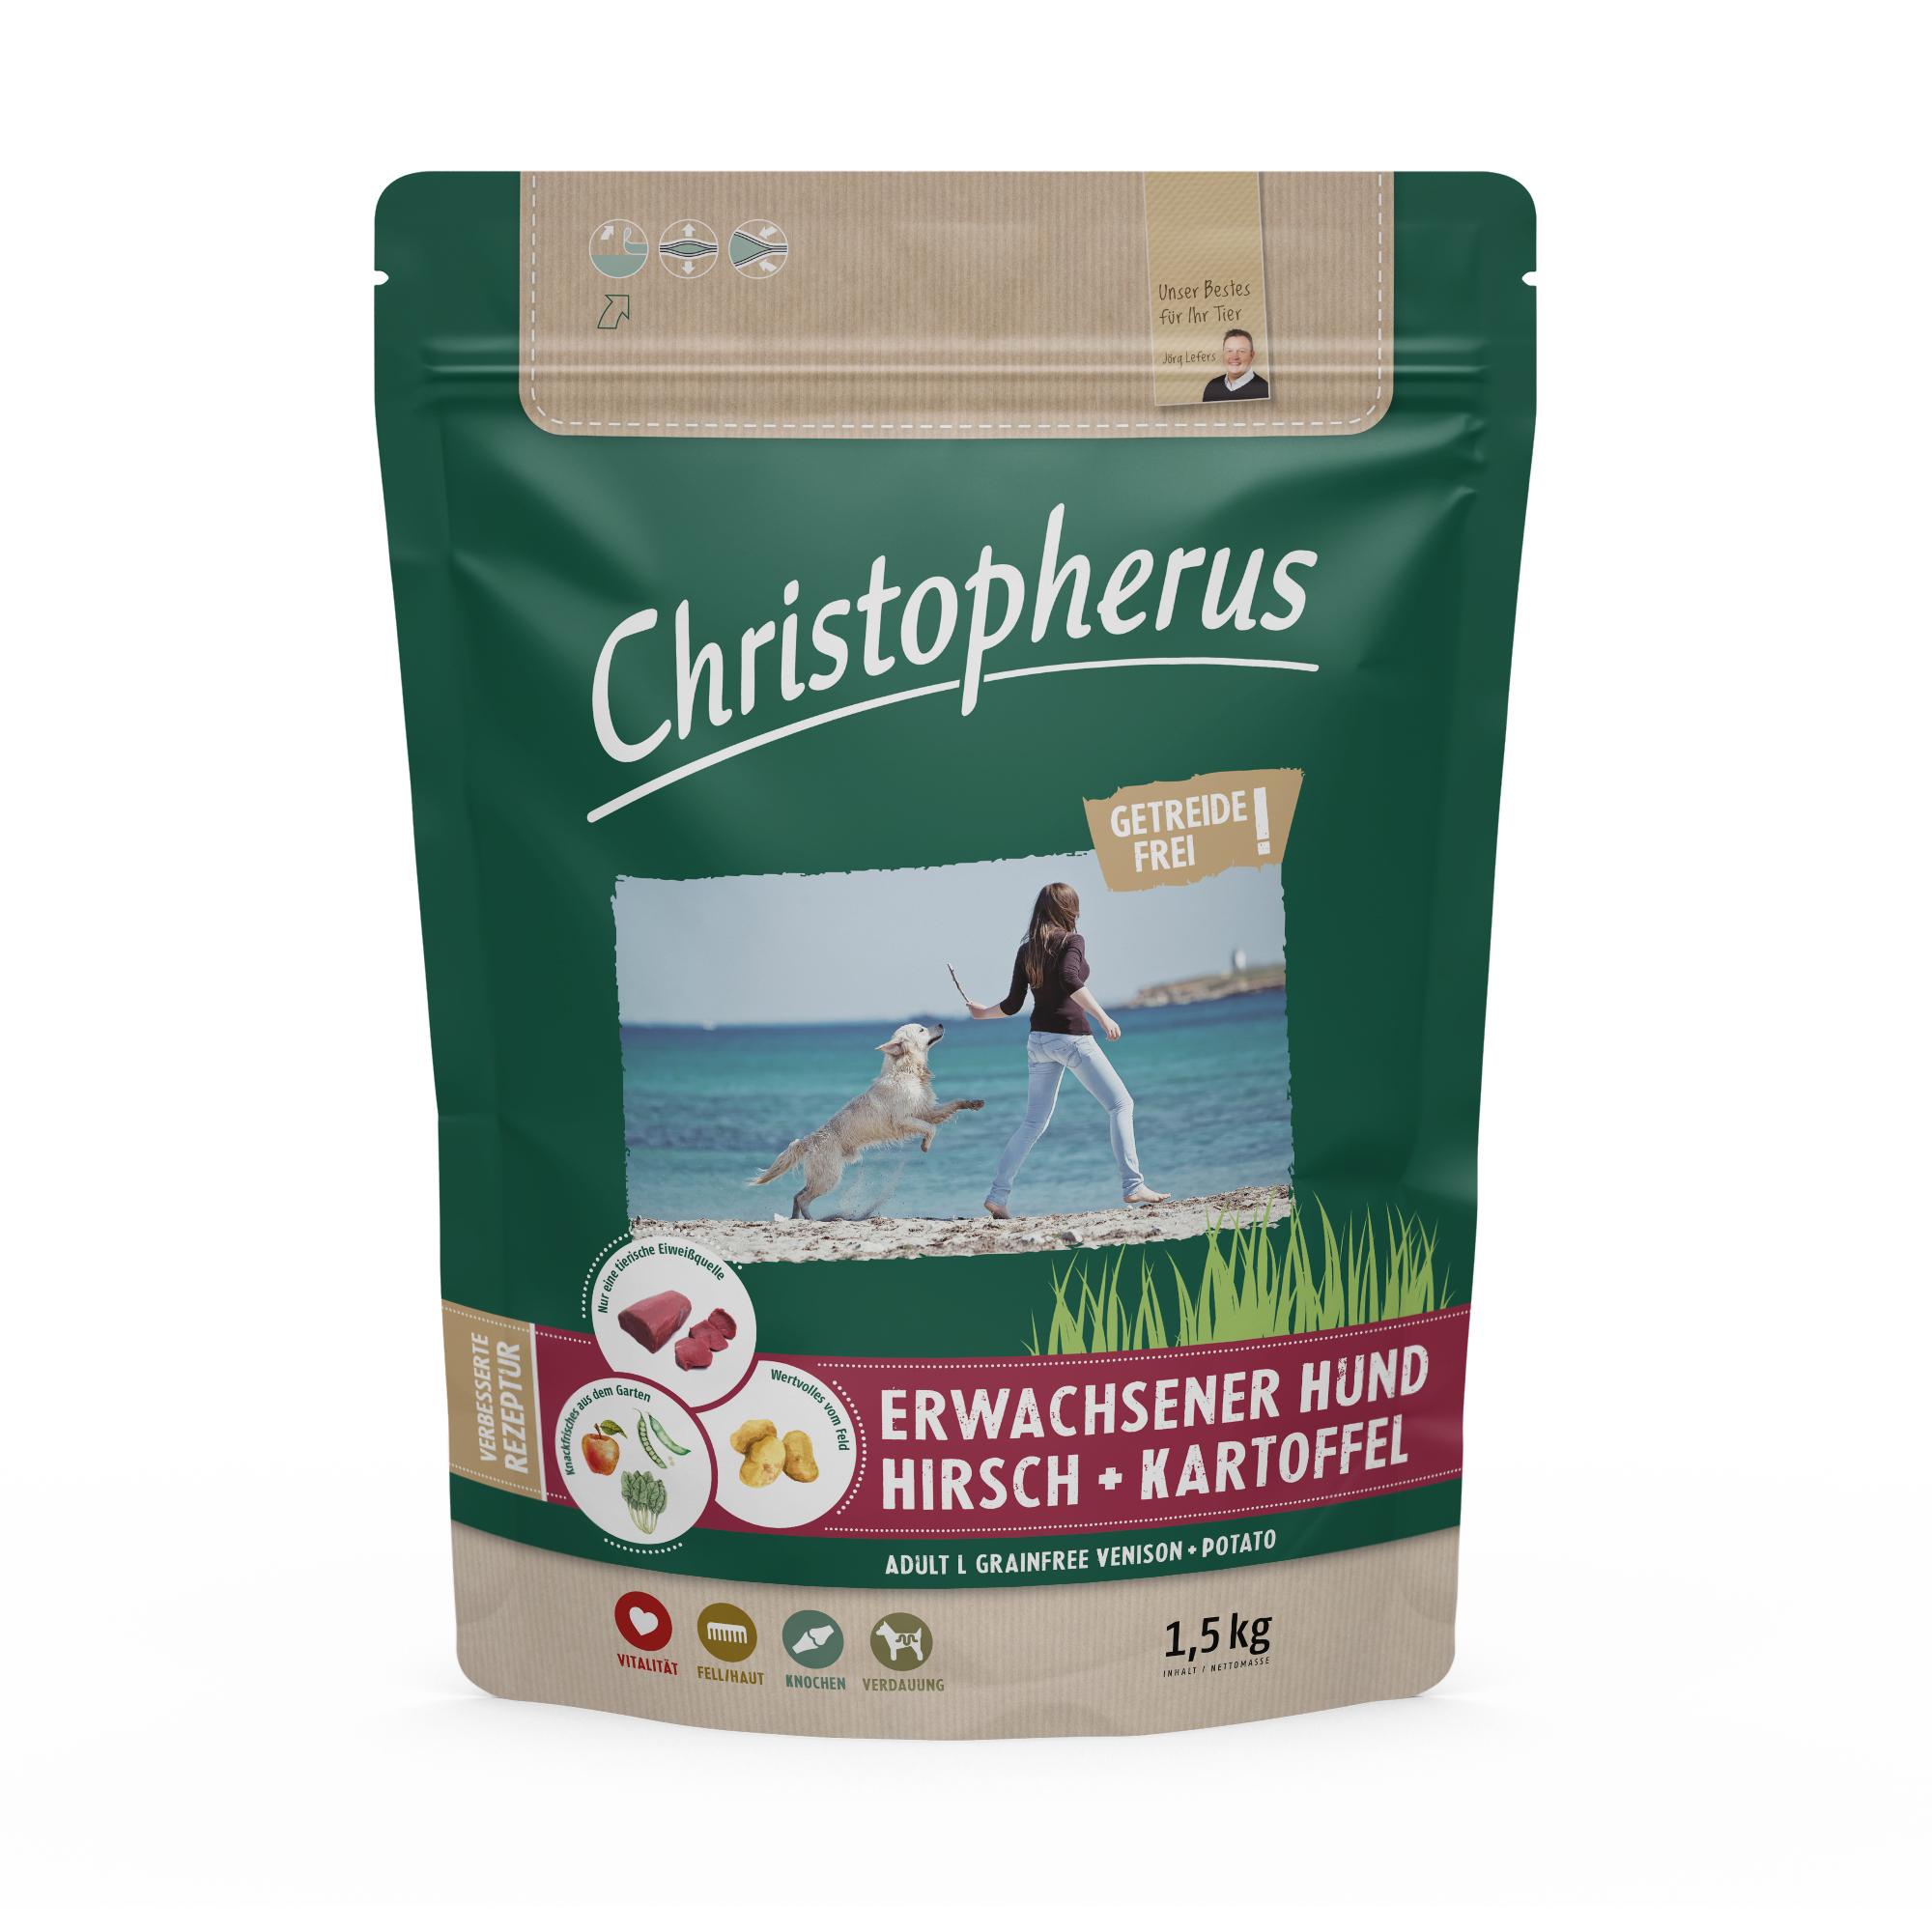 Christopherus – Getreidefrei Hirsch + Kartoffel